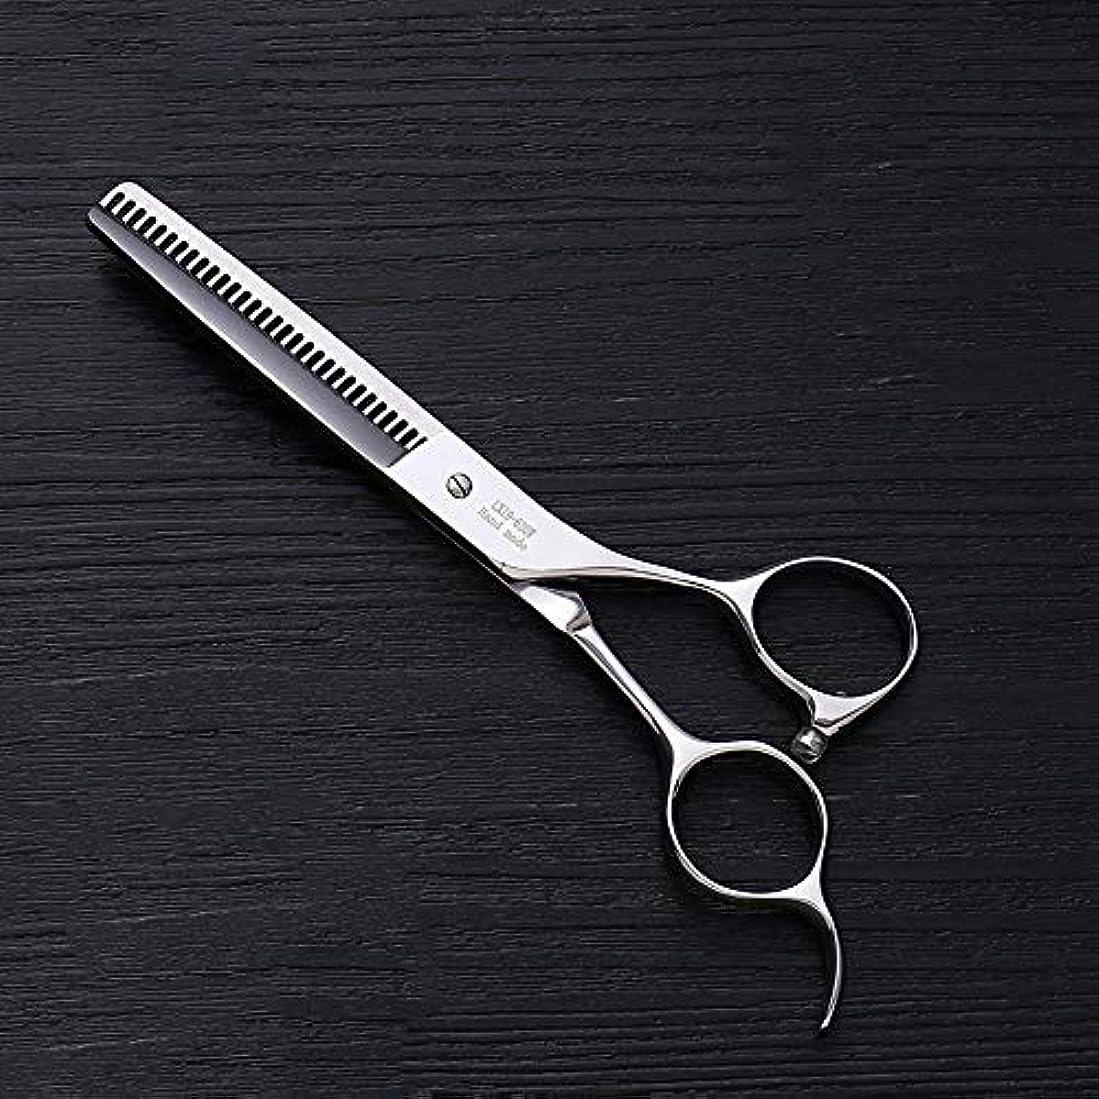 レーニン主義アサー毎週6.0インチプロフェッショナルアントラー歯ステンレス鋼の歯はさみ理髪はさみヘアスタイリスト特別な理髪はさみ ヘアケア (色 : Silver)